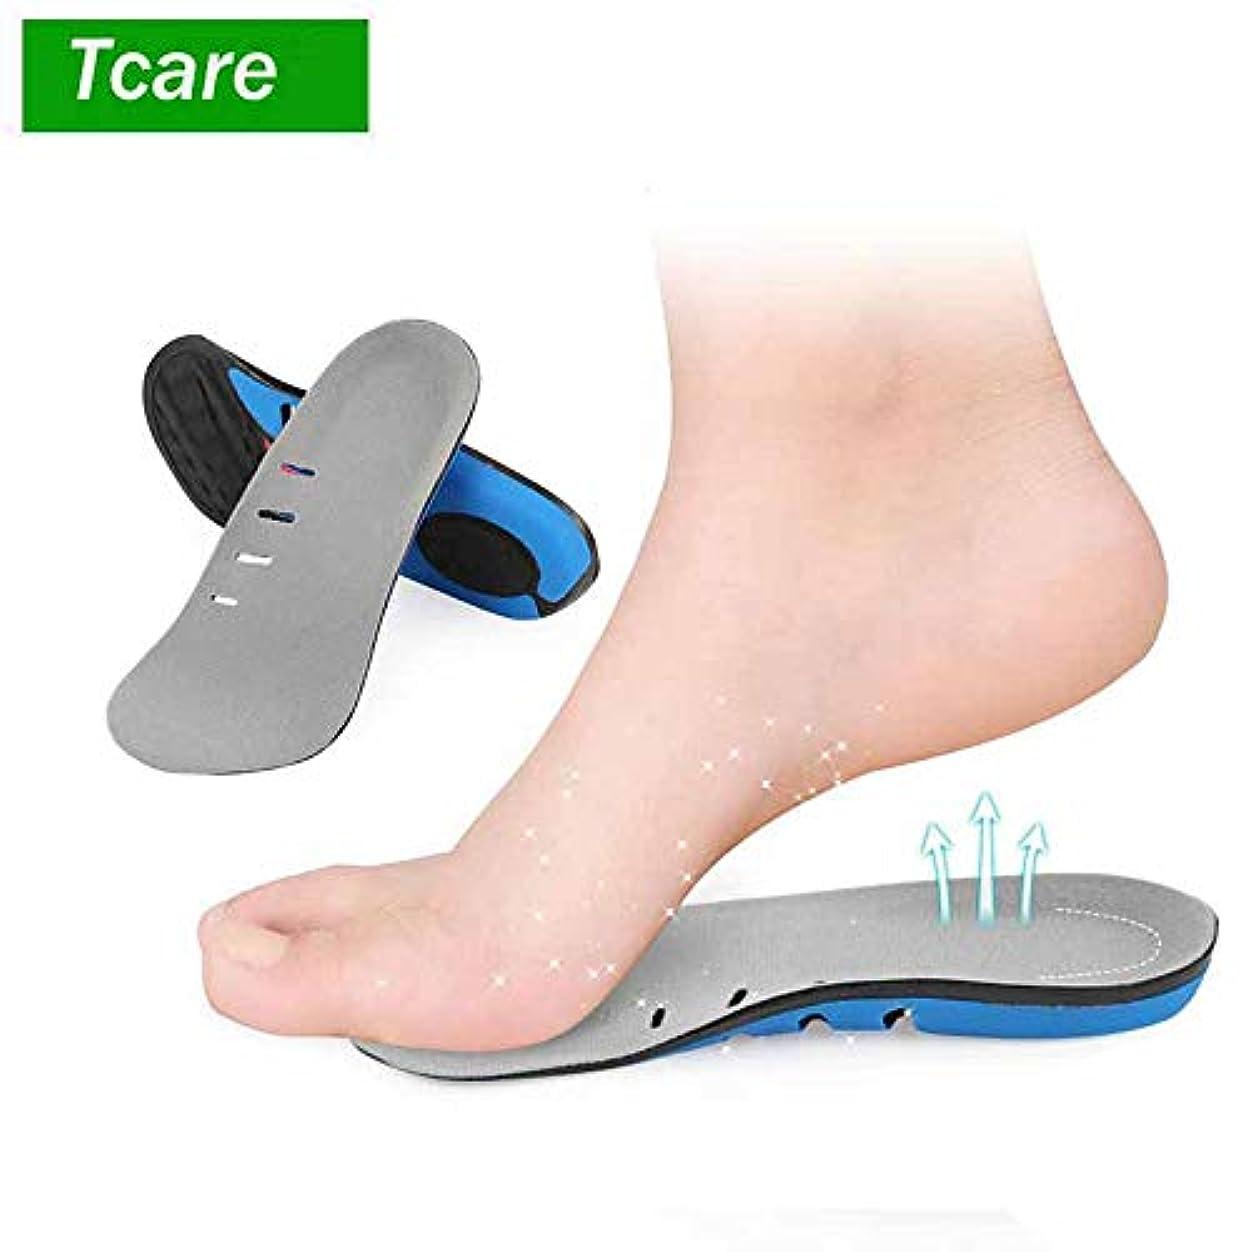 メモ租界アボート靴のマッサージシューズのインソールは、男性用/女性用の足底筋膜炎用インソール